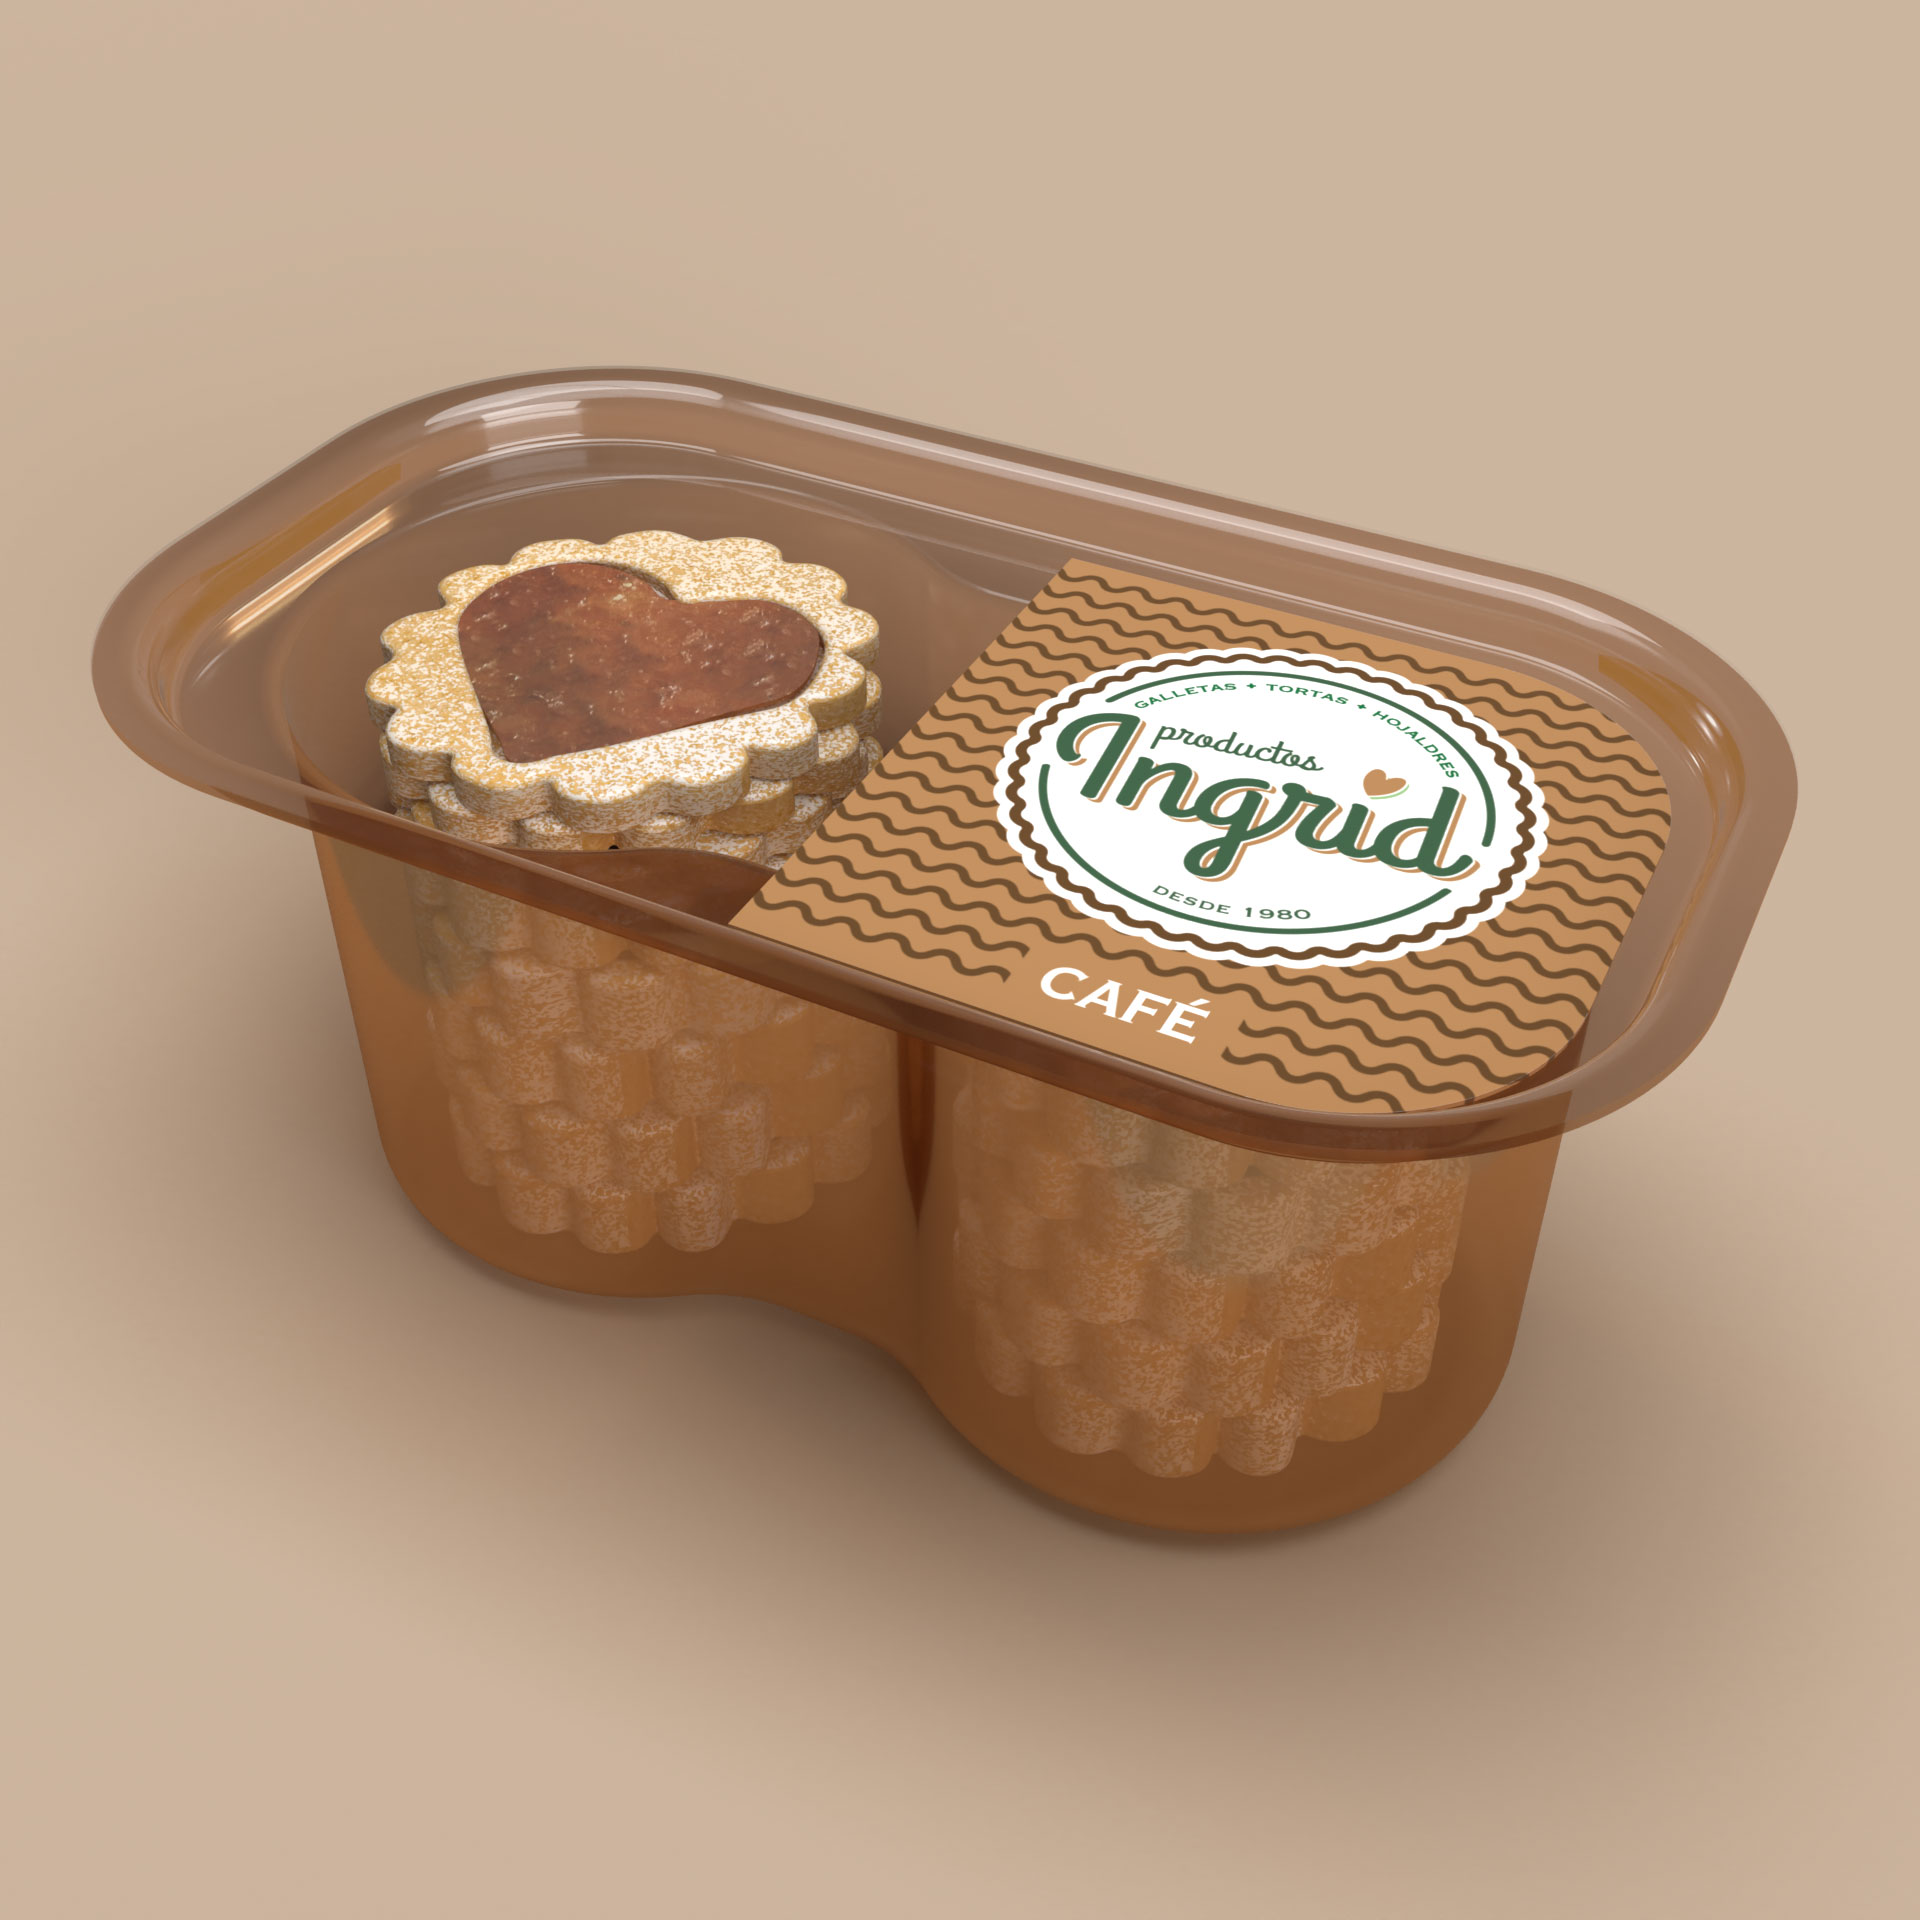 Diseño de Empaque Termoformado de Galletas Productos Ingrid